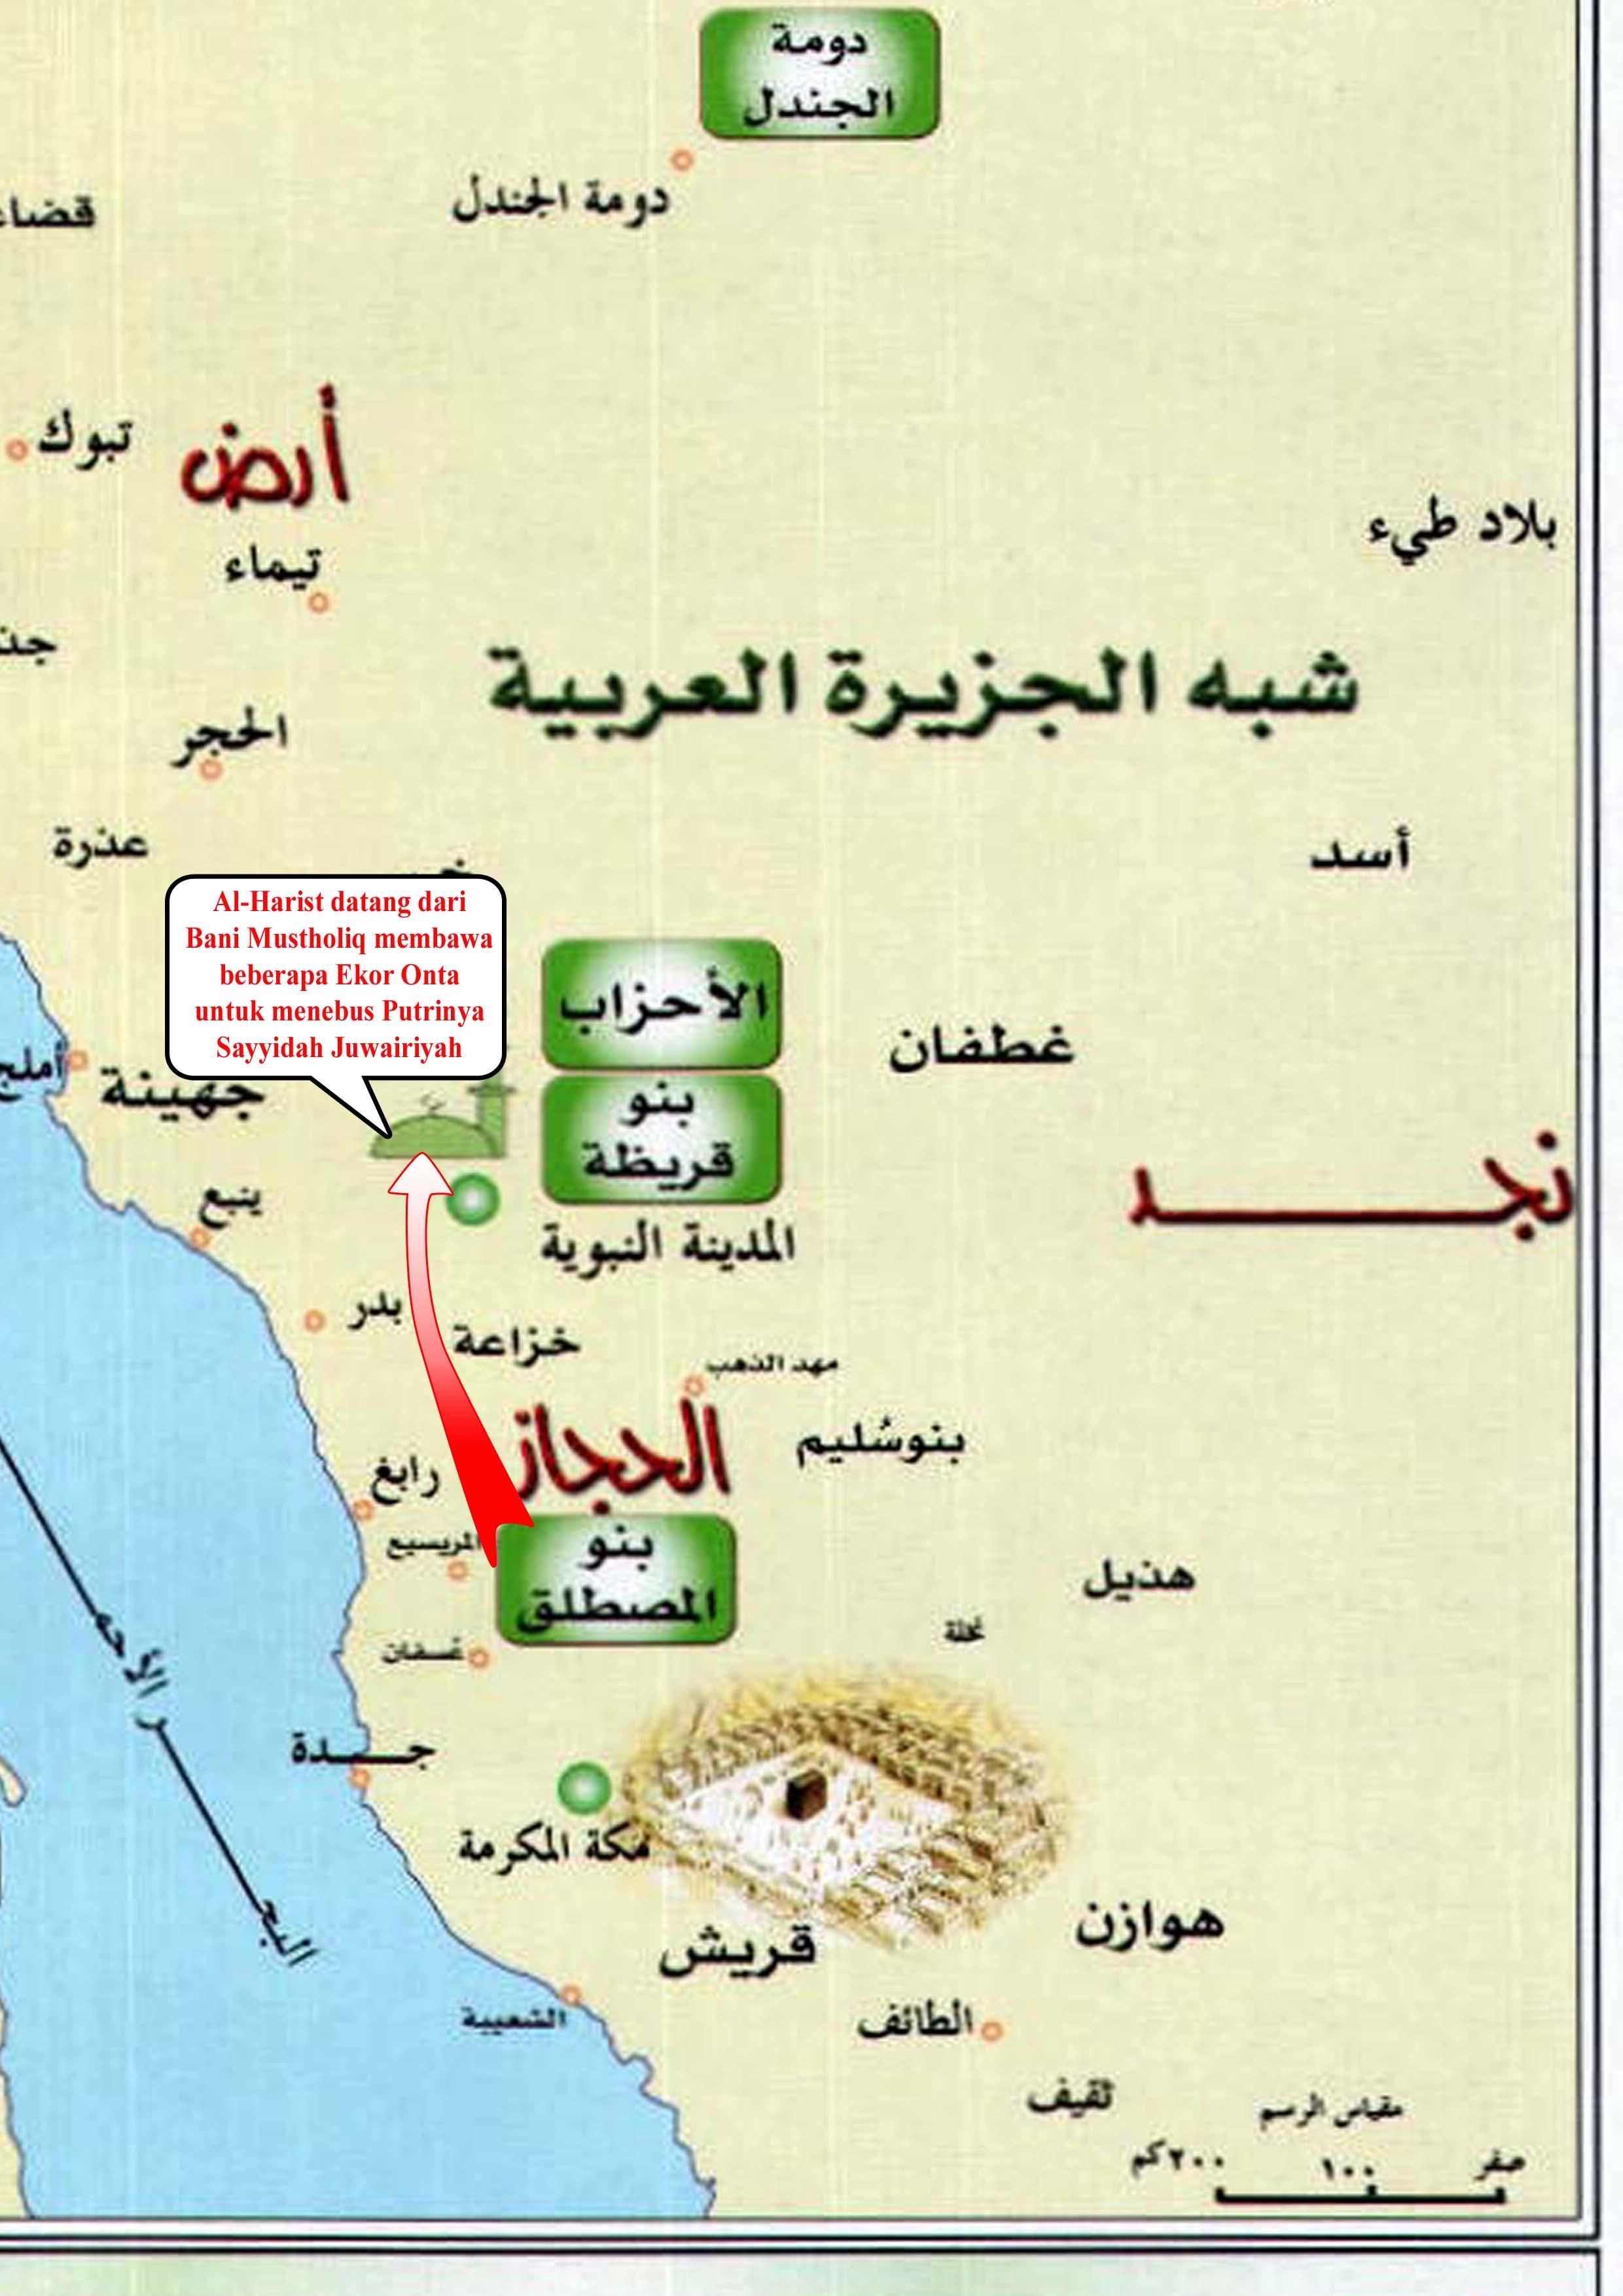 Hikmah Mu'jizat dan Hukum Fiqih yg bisa diambil dari Peristiwa Ghozwah Bani Mustholiq